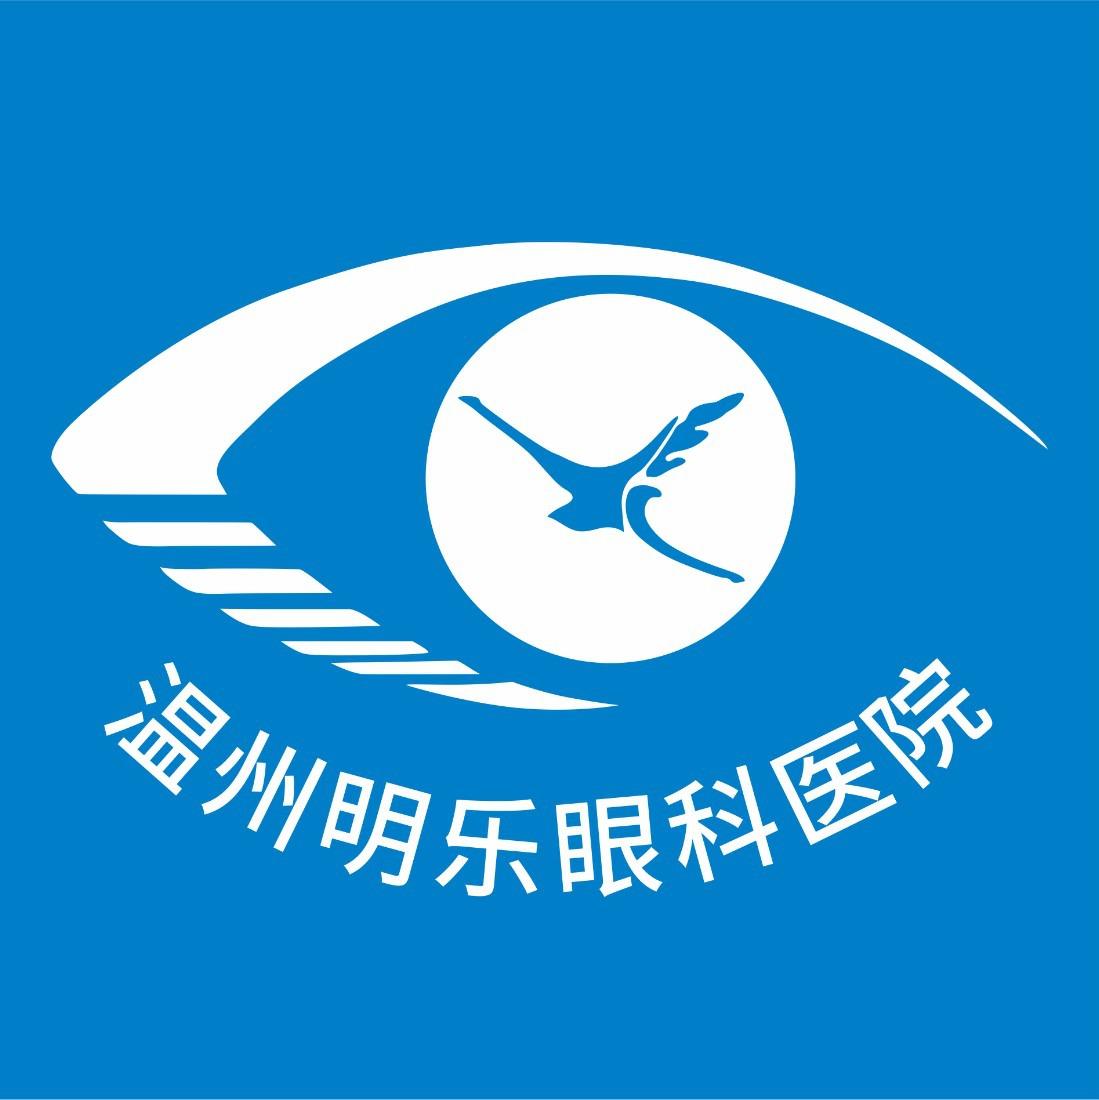 温州明乐眼科医院有限公司